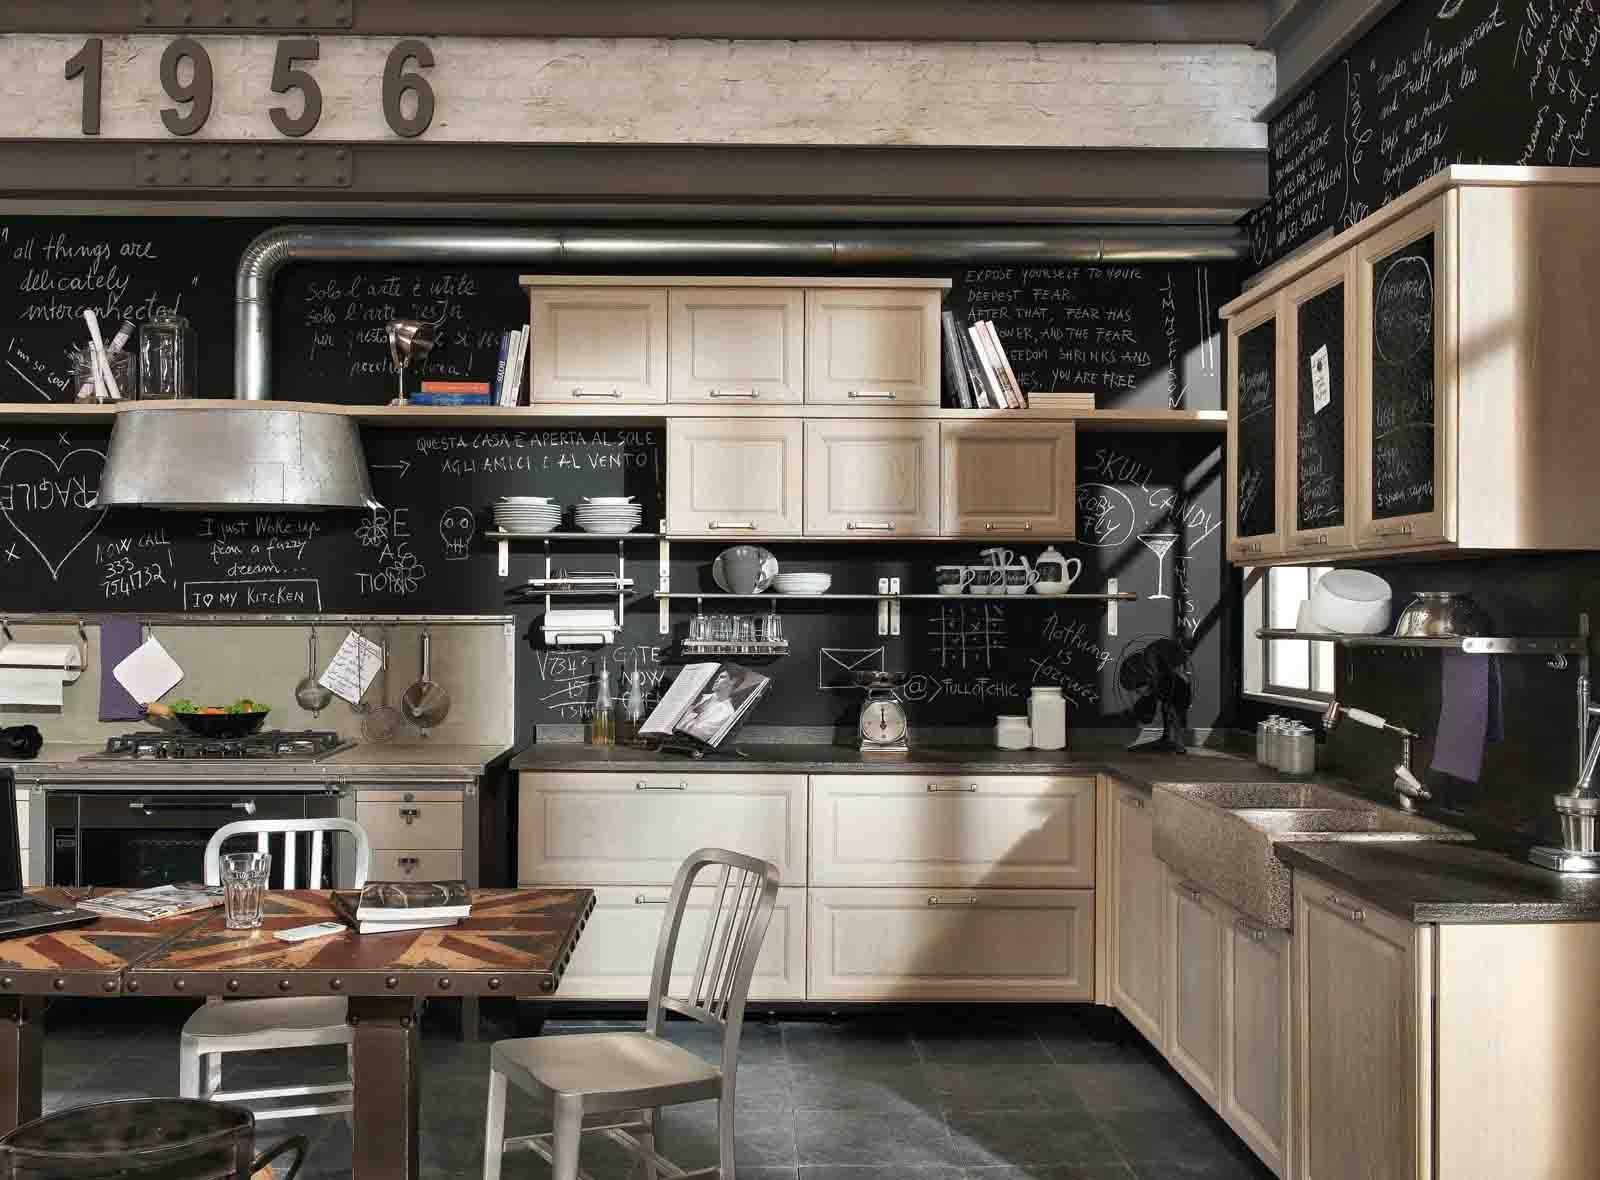 cucine country una scelta di stile - cose di casa - Marche Cucine Economiche